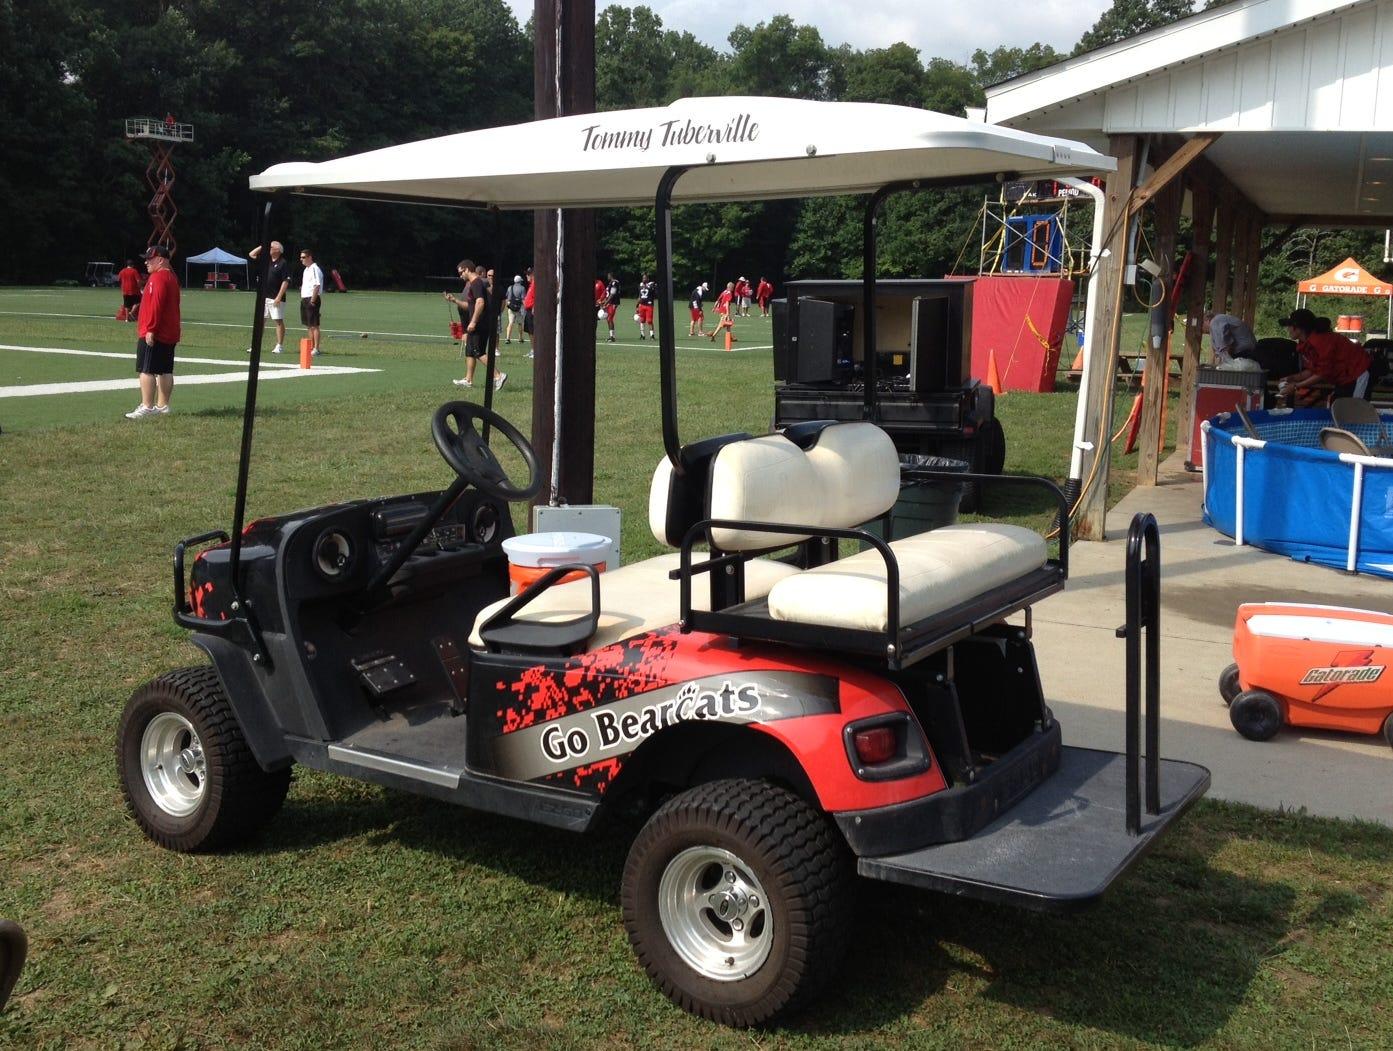 2013-08-13_Tuberville-golf-cart